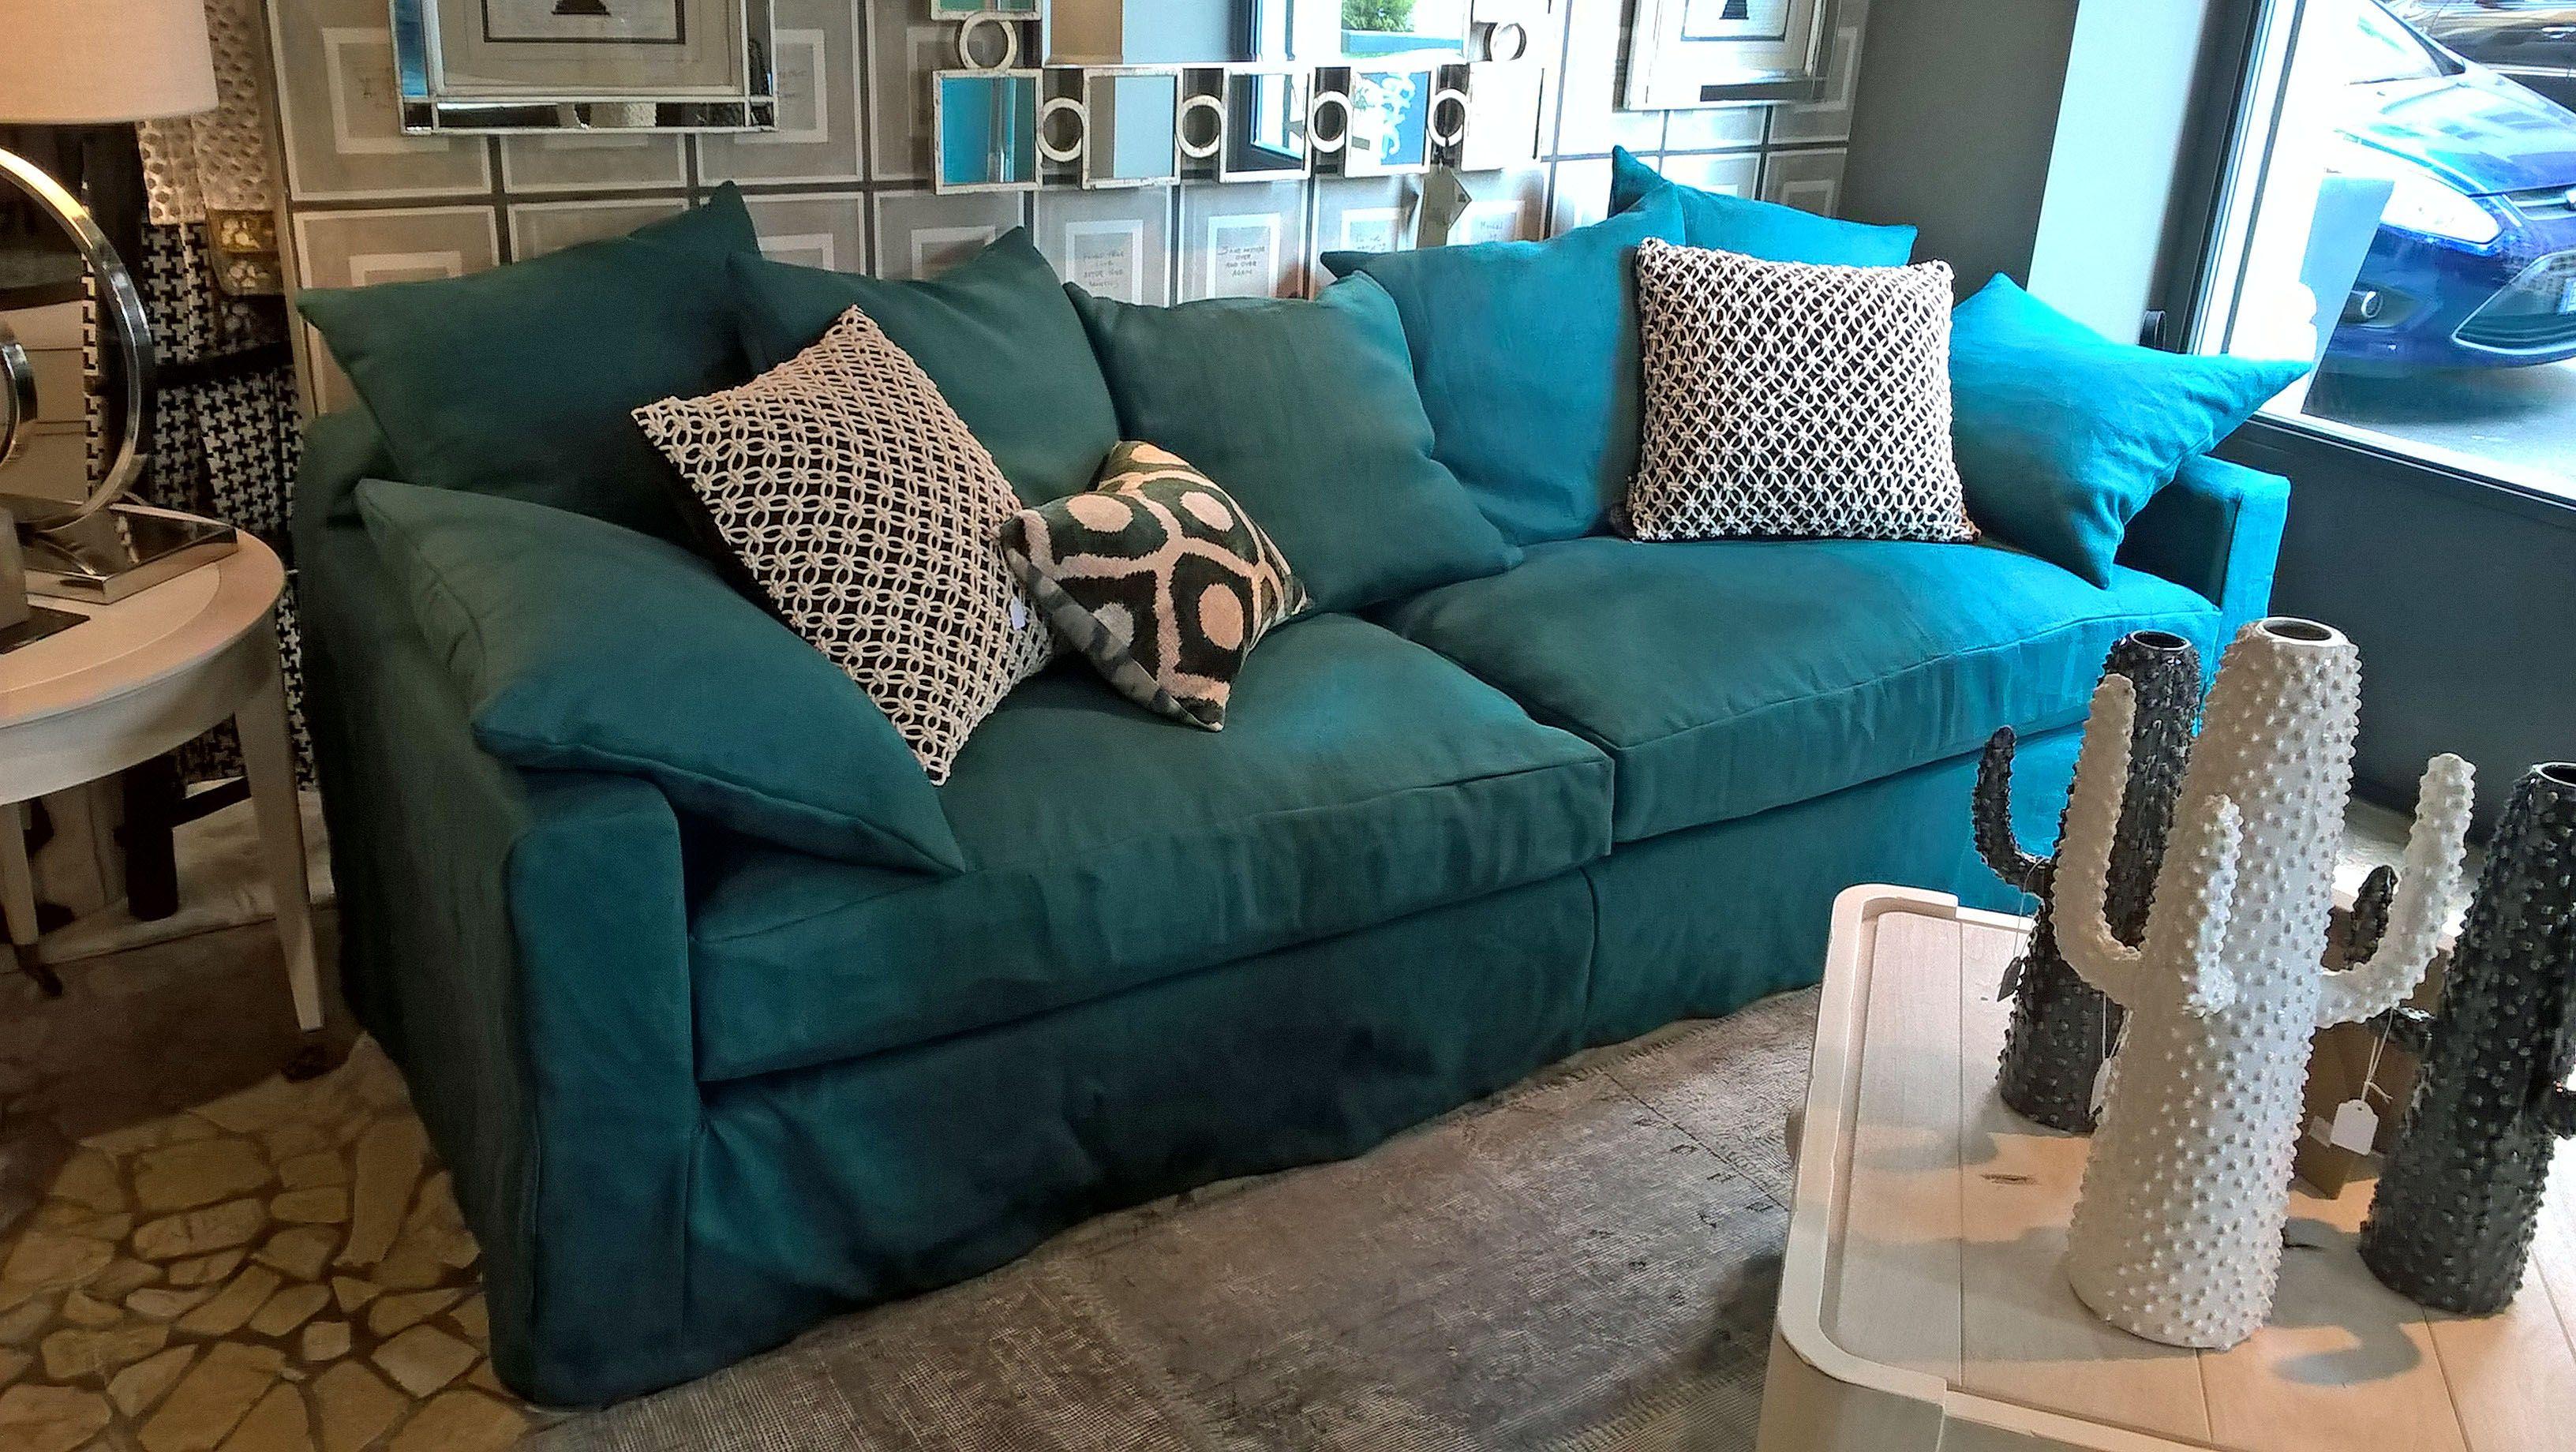 #interiordesigner #design #valterpisati #progettazione #divani #tessuti #sofà #fabrics